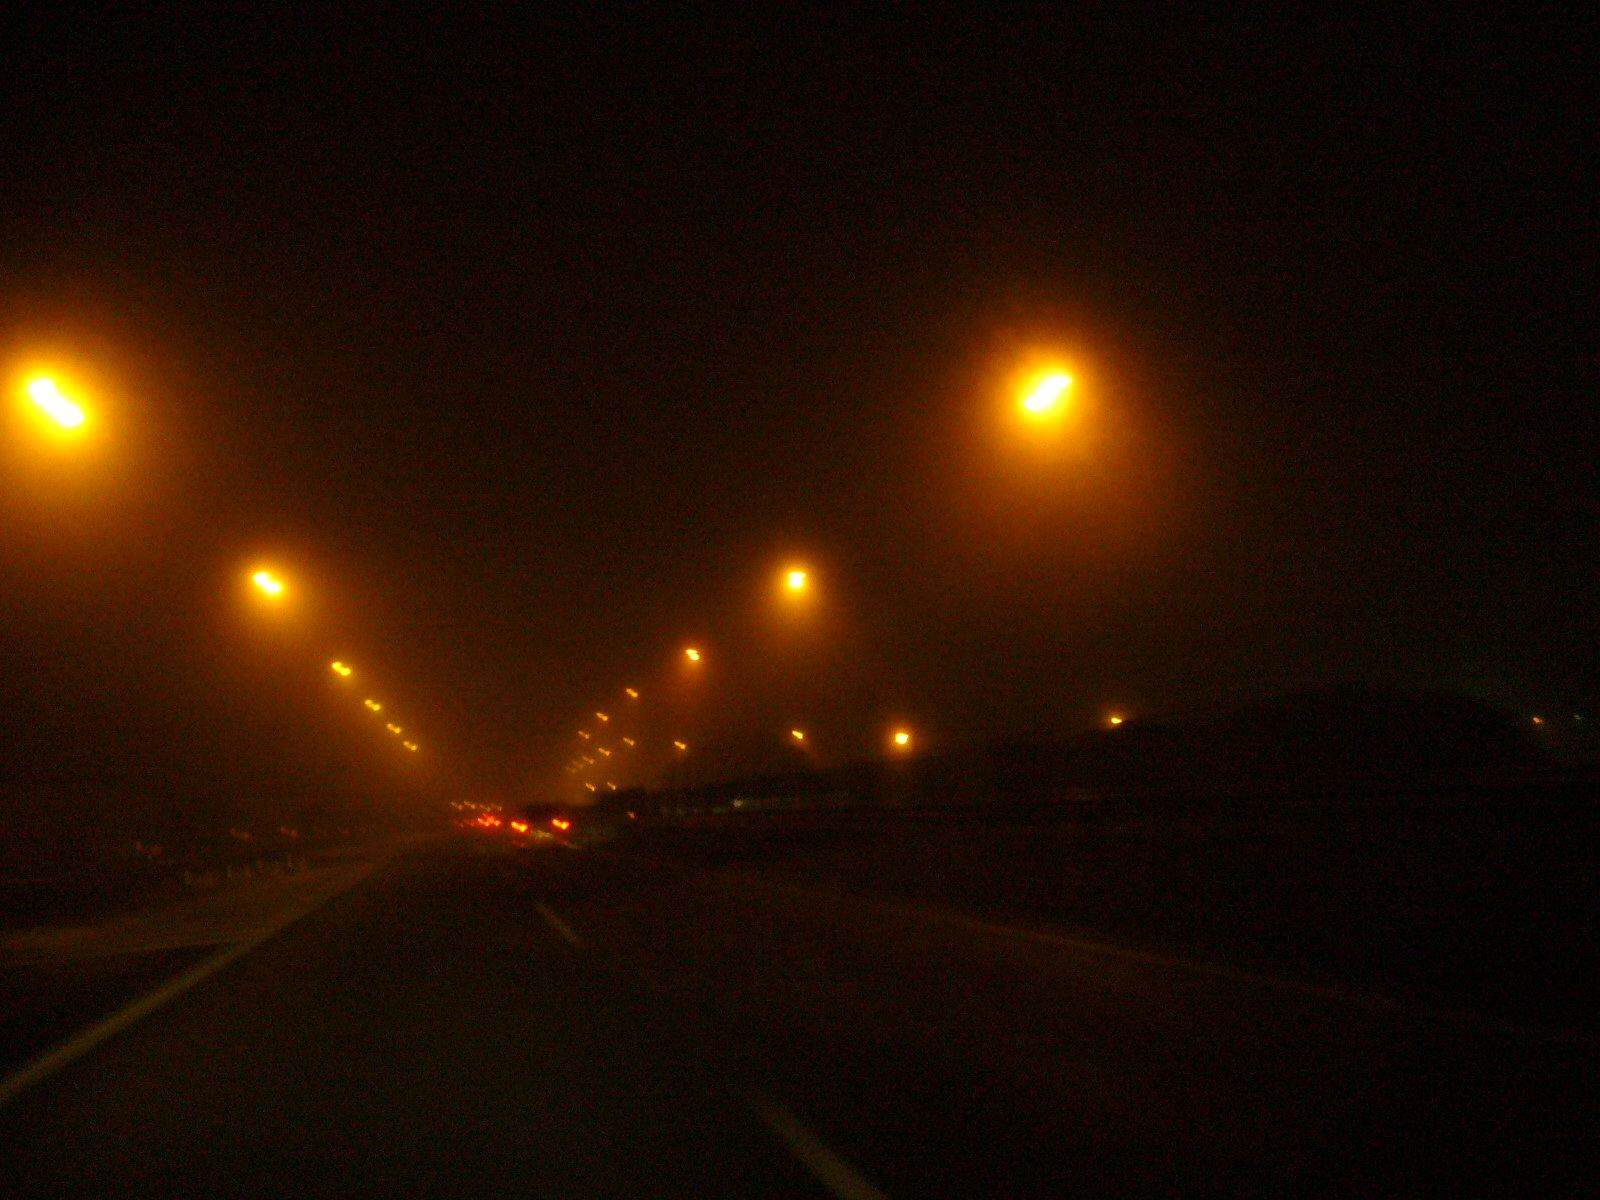 某日の某所の霧の道